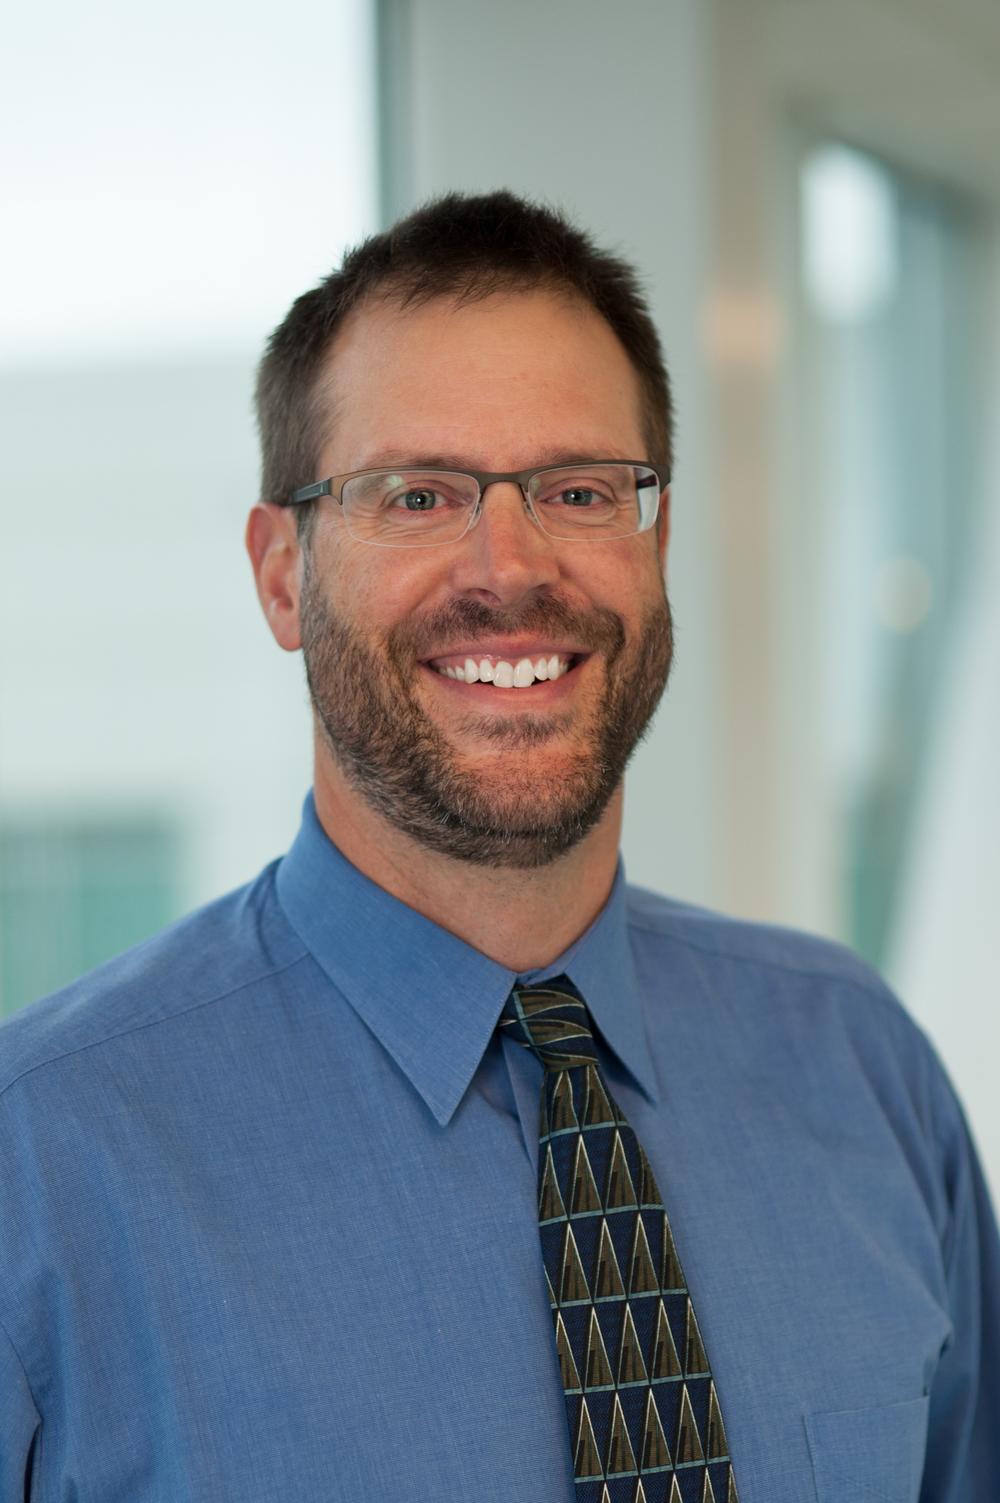 Brian Folz, MD